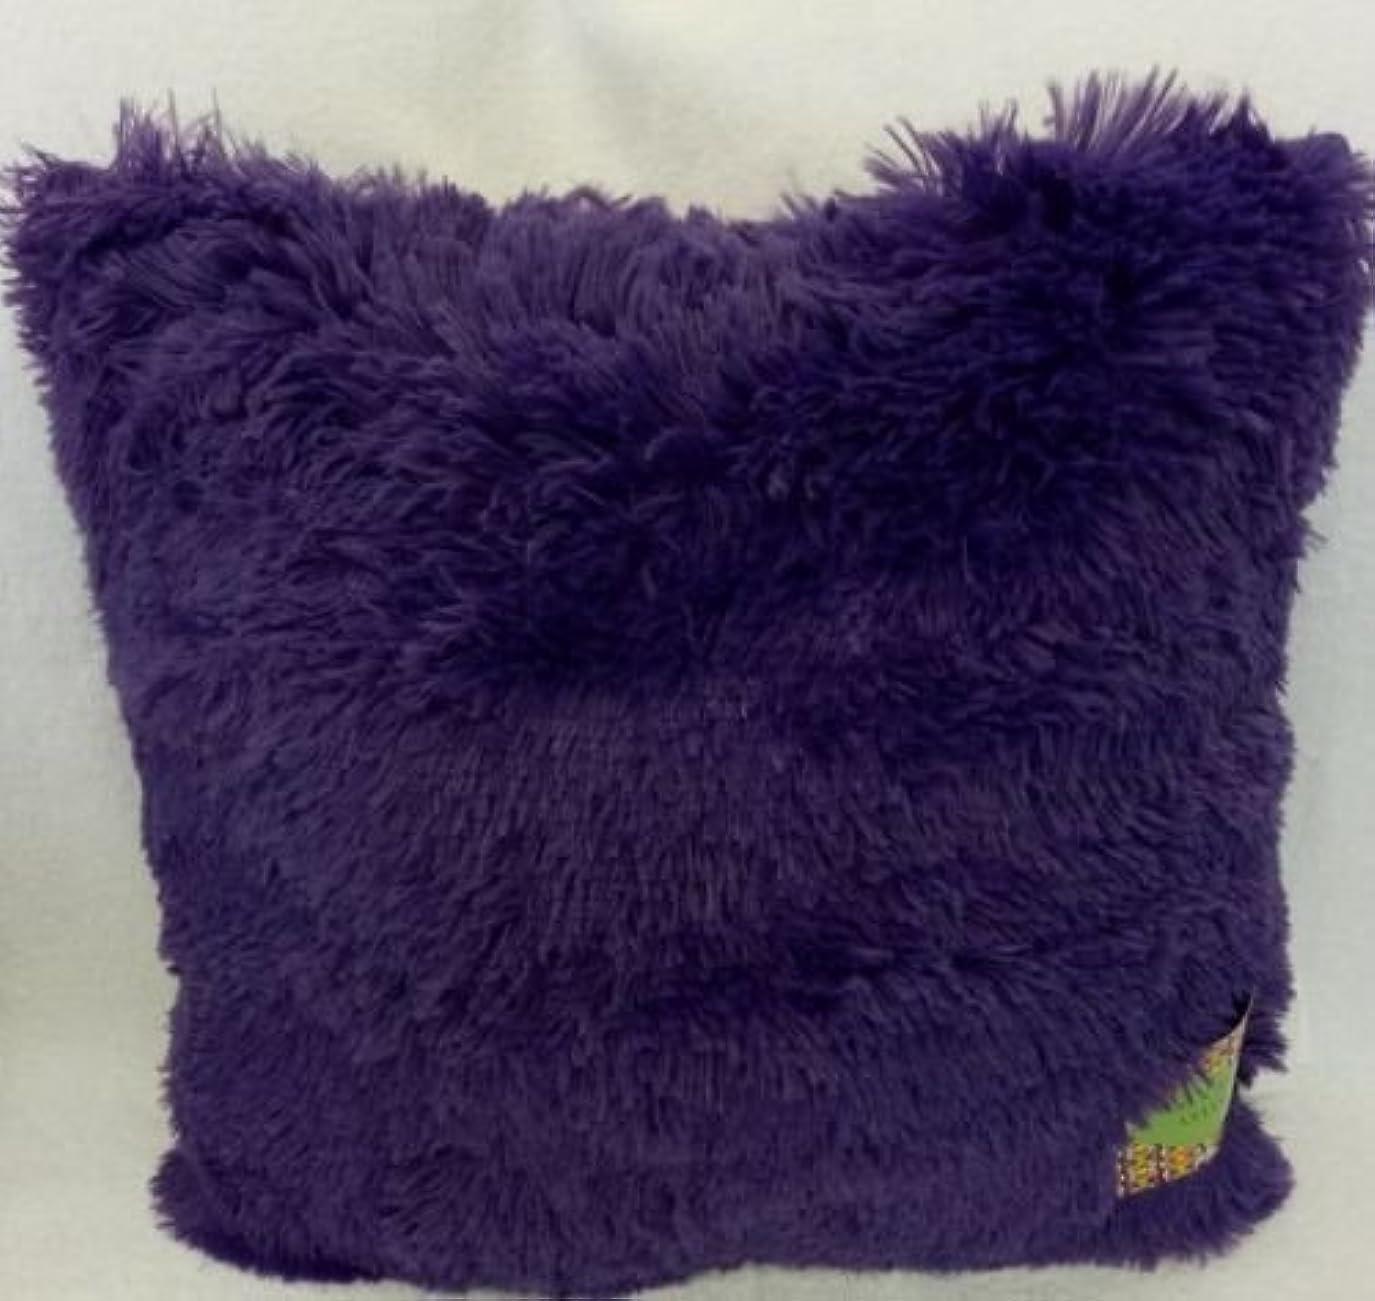 ラリータクシー続編jody Clarke 1?pcケリークッションShaggy Plush Fauxファー装飾用クッションカバーベルベットのようなふわふわソフトクッション16?